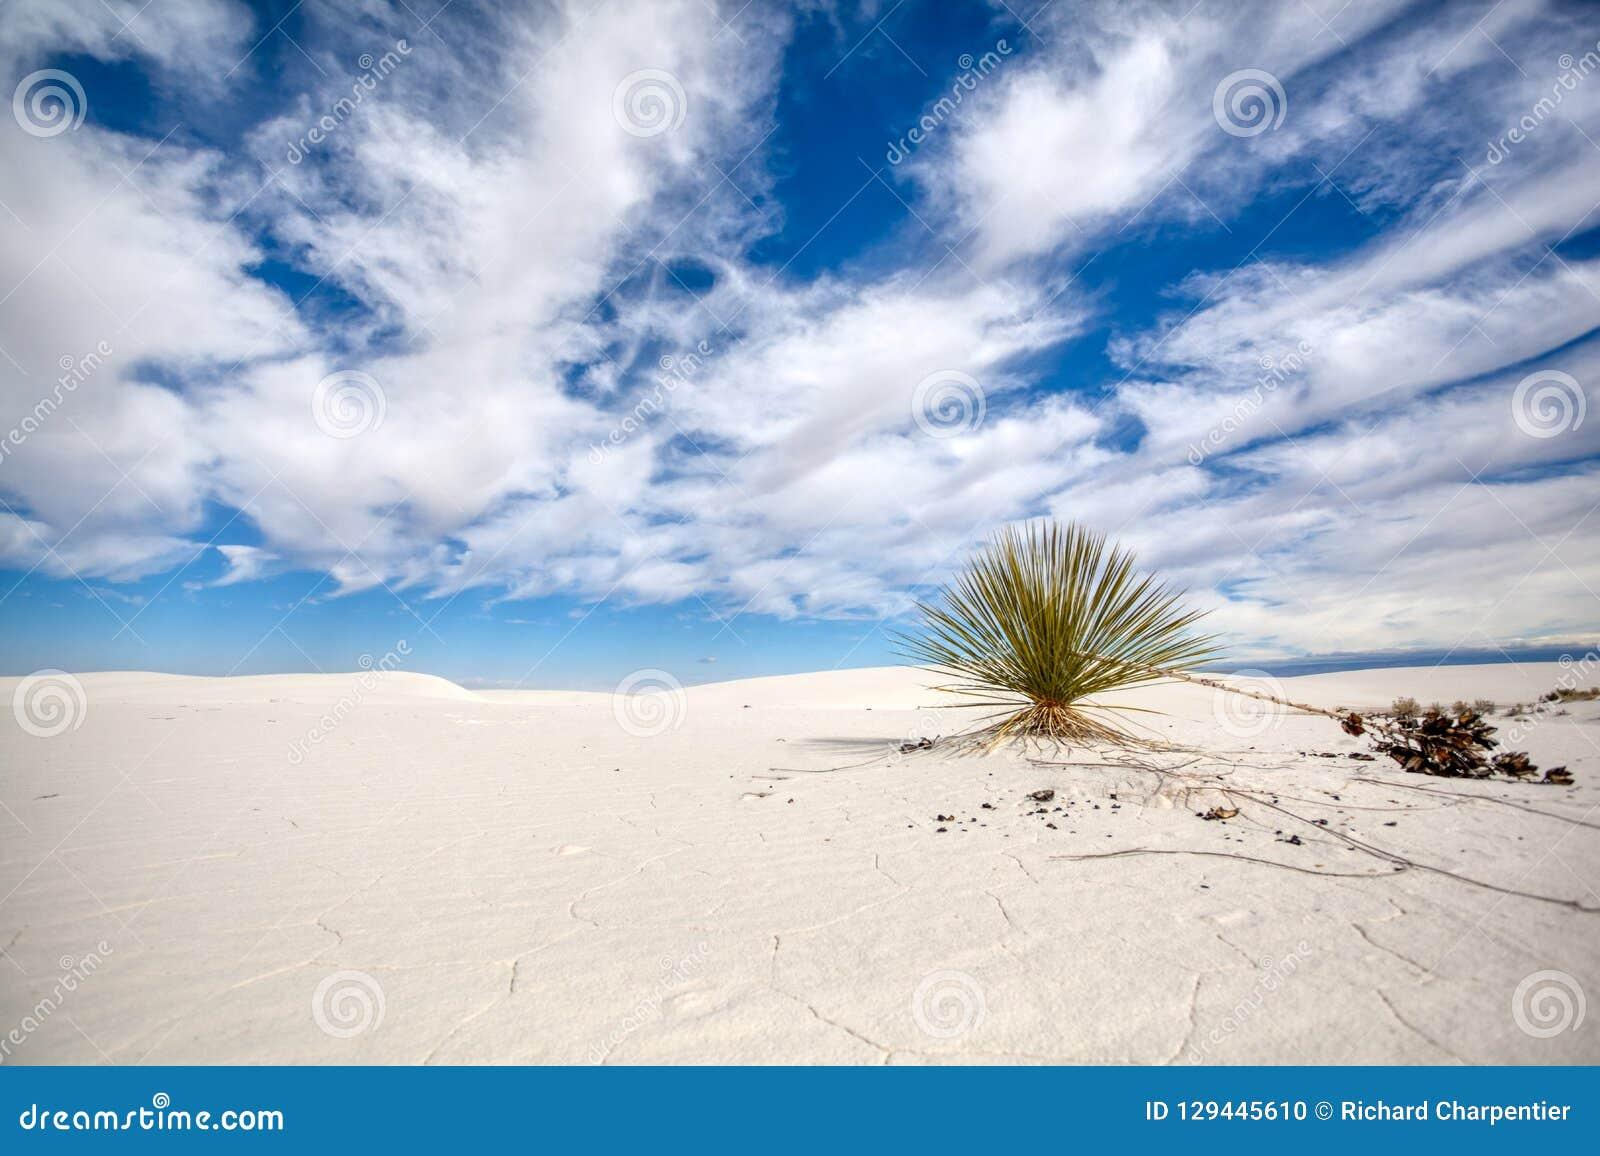 Картины в песке на белом национальном монументе песков